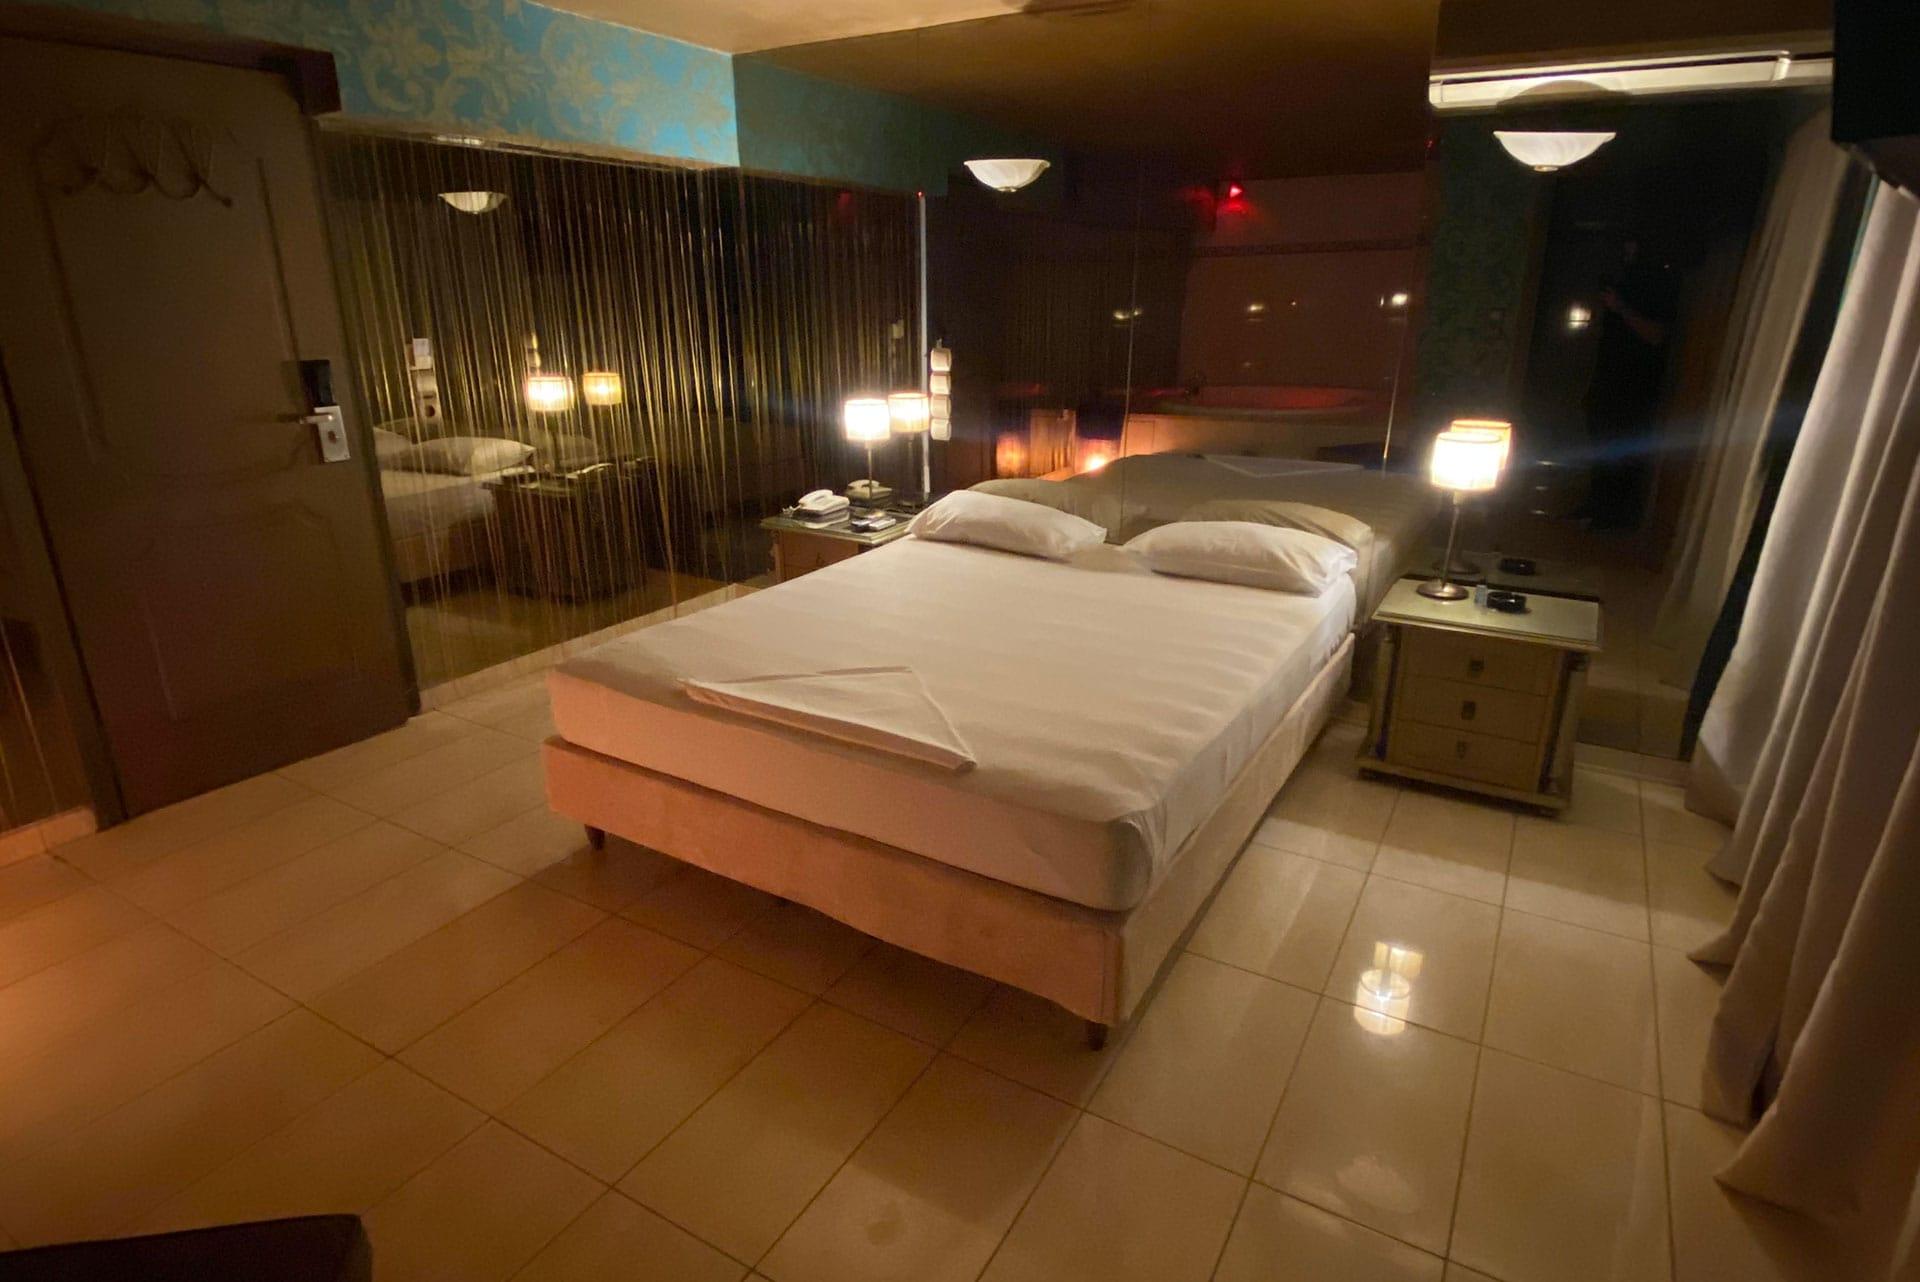 Το δωμάτιο Jacuzzi Room 25 στα Ruby Rooms στην Κηφισιά και τα Βόρεια Προάστια. €40 ημιδιαμονή.